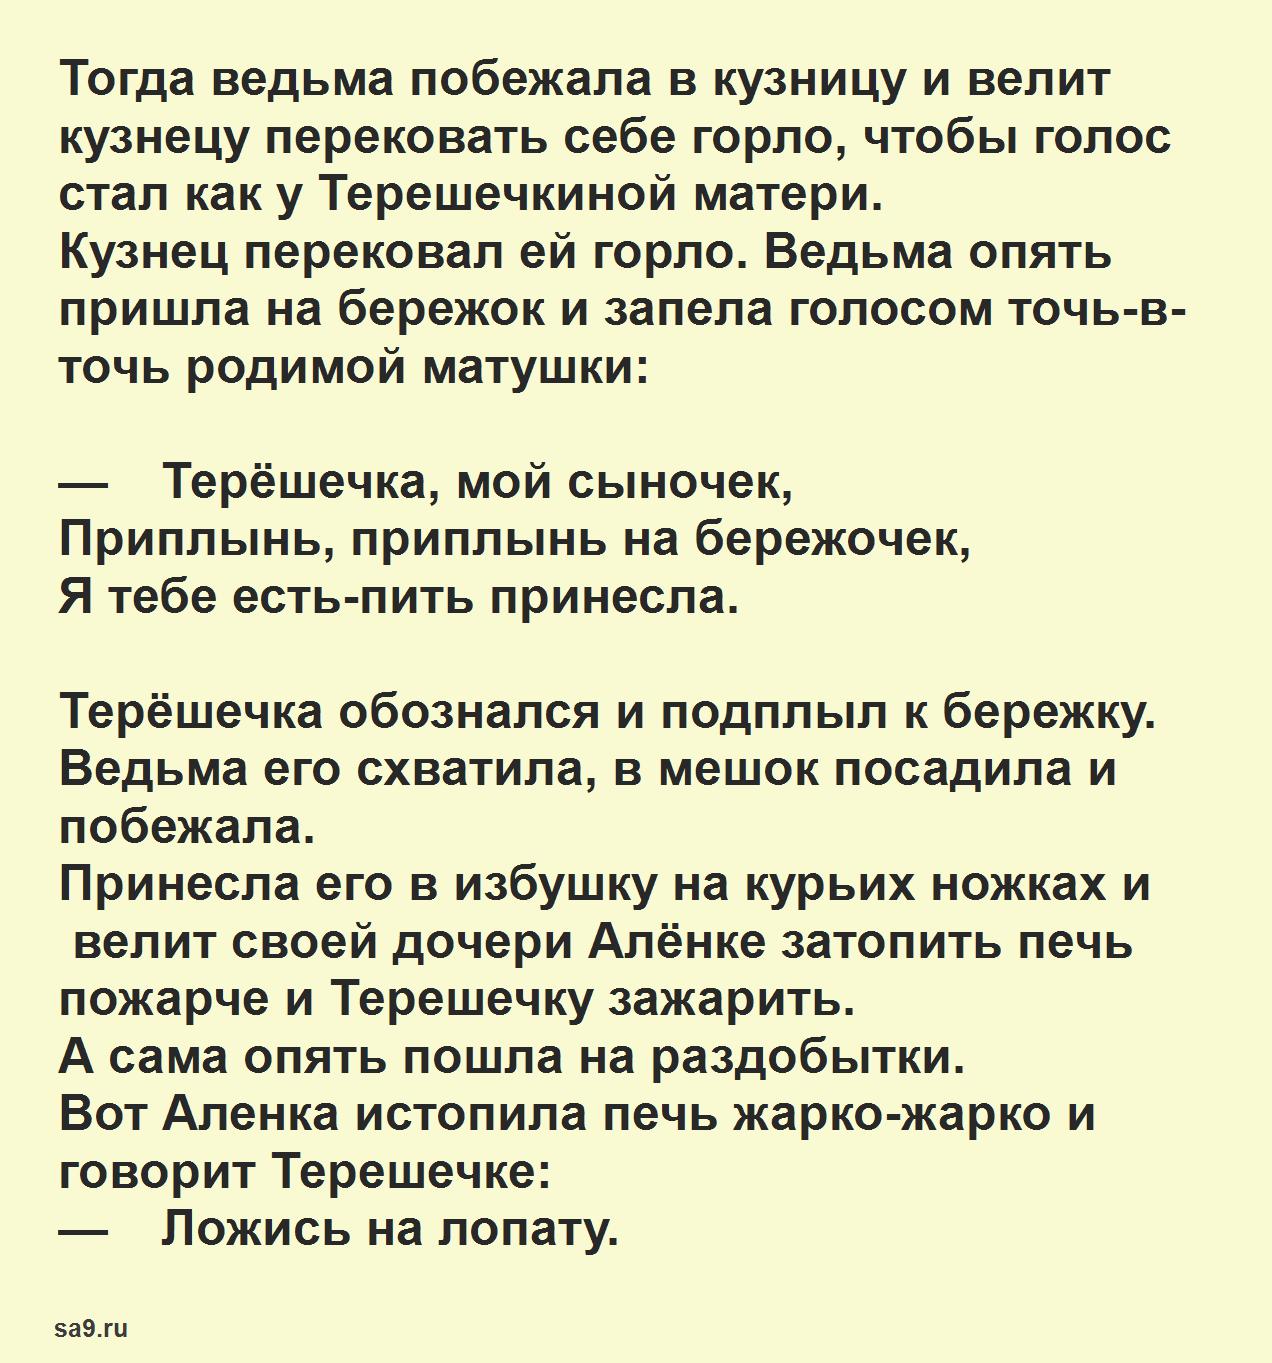 Читать русскую народную сказку - Терешечка